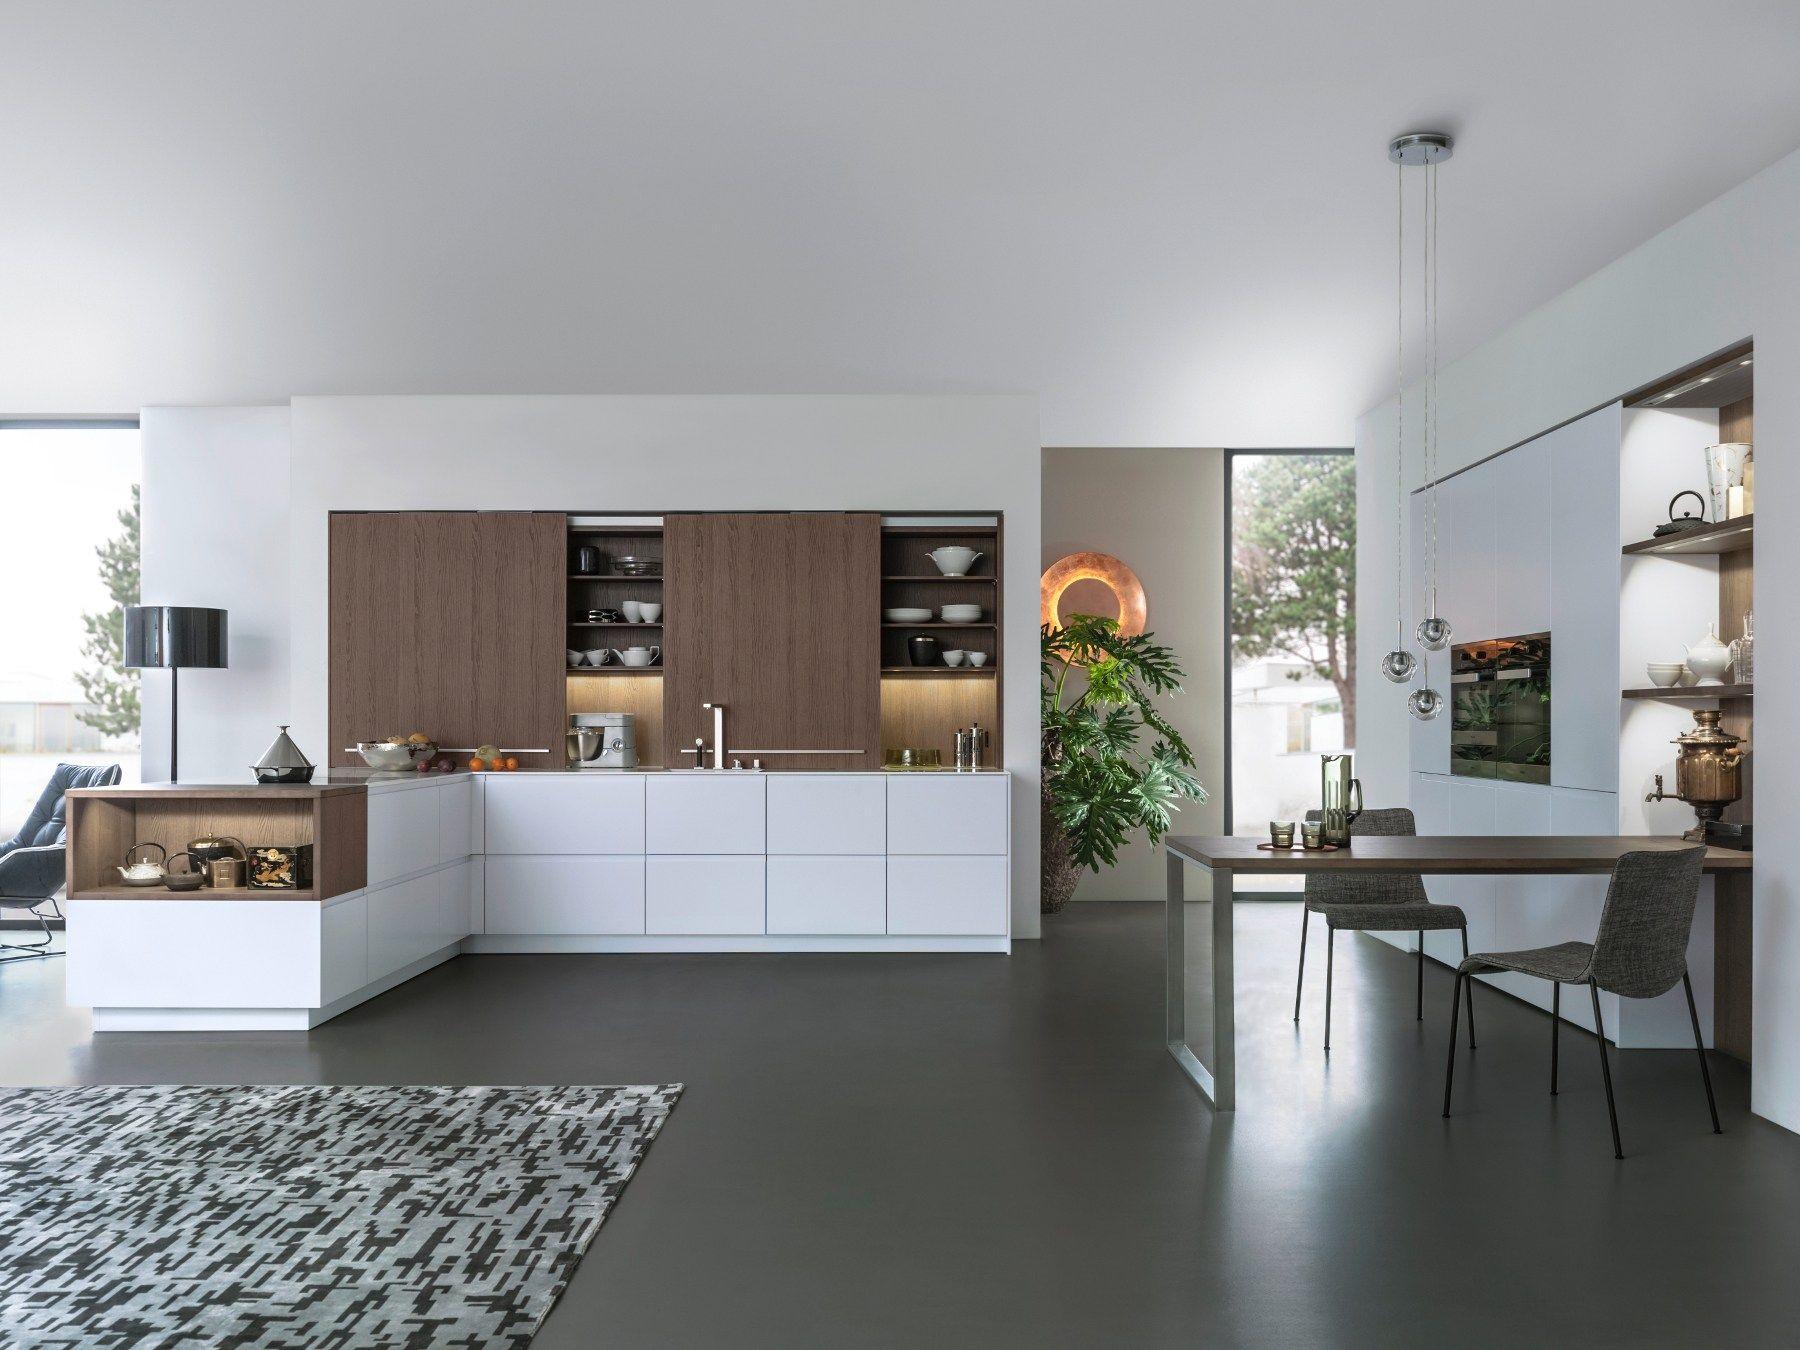 LEICHT Küchen | Modern kitchen design for contemporary living ... | {Leicht küchen logo 23}